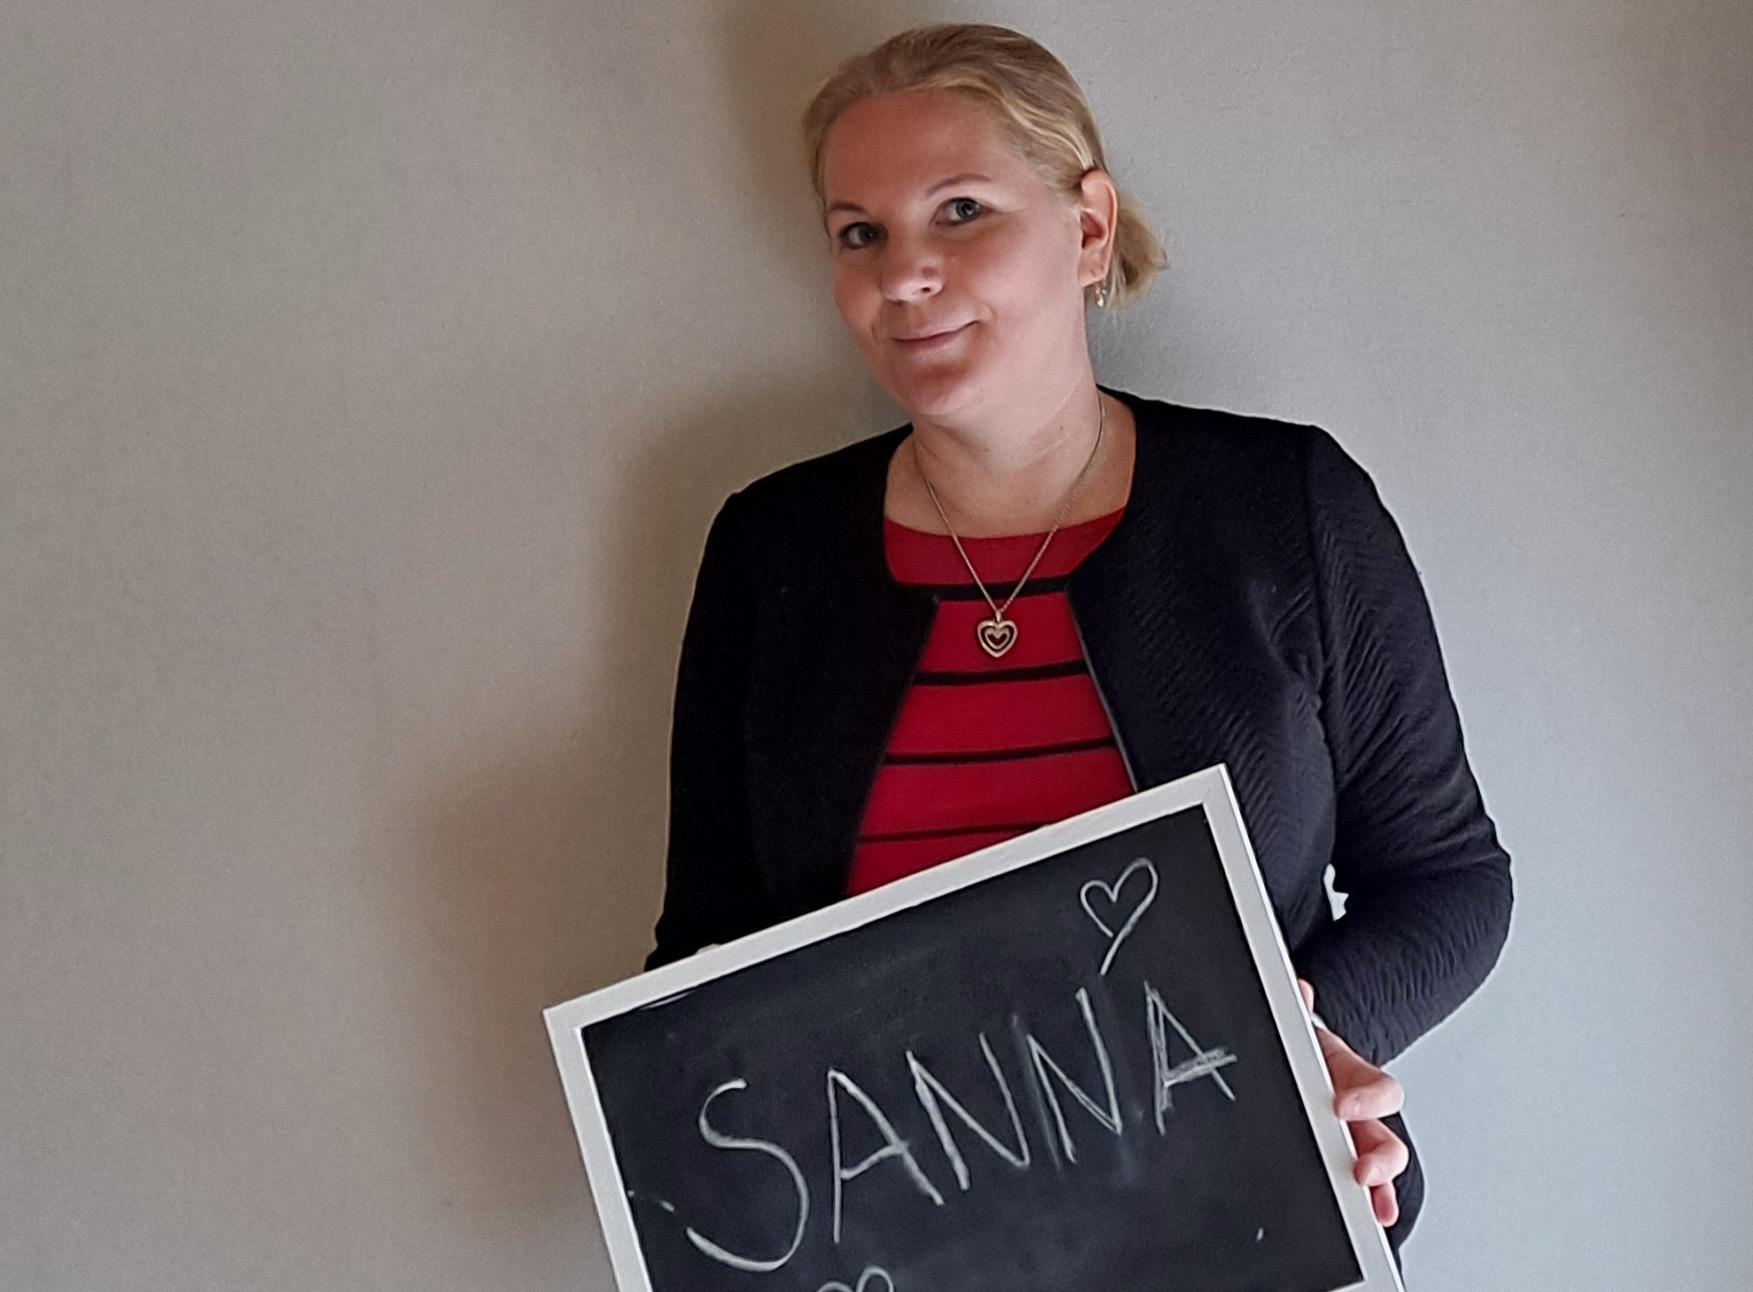 Sanna Peronmaa